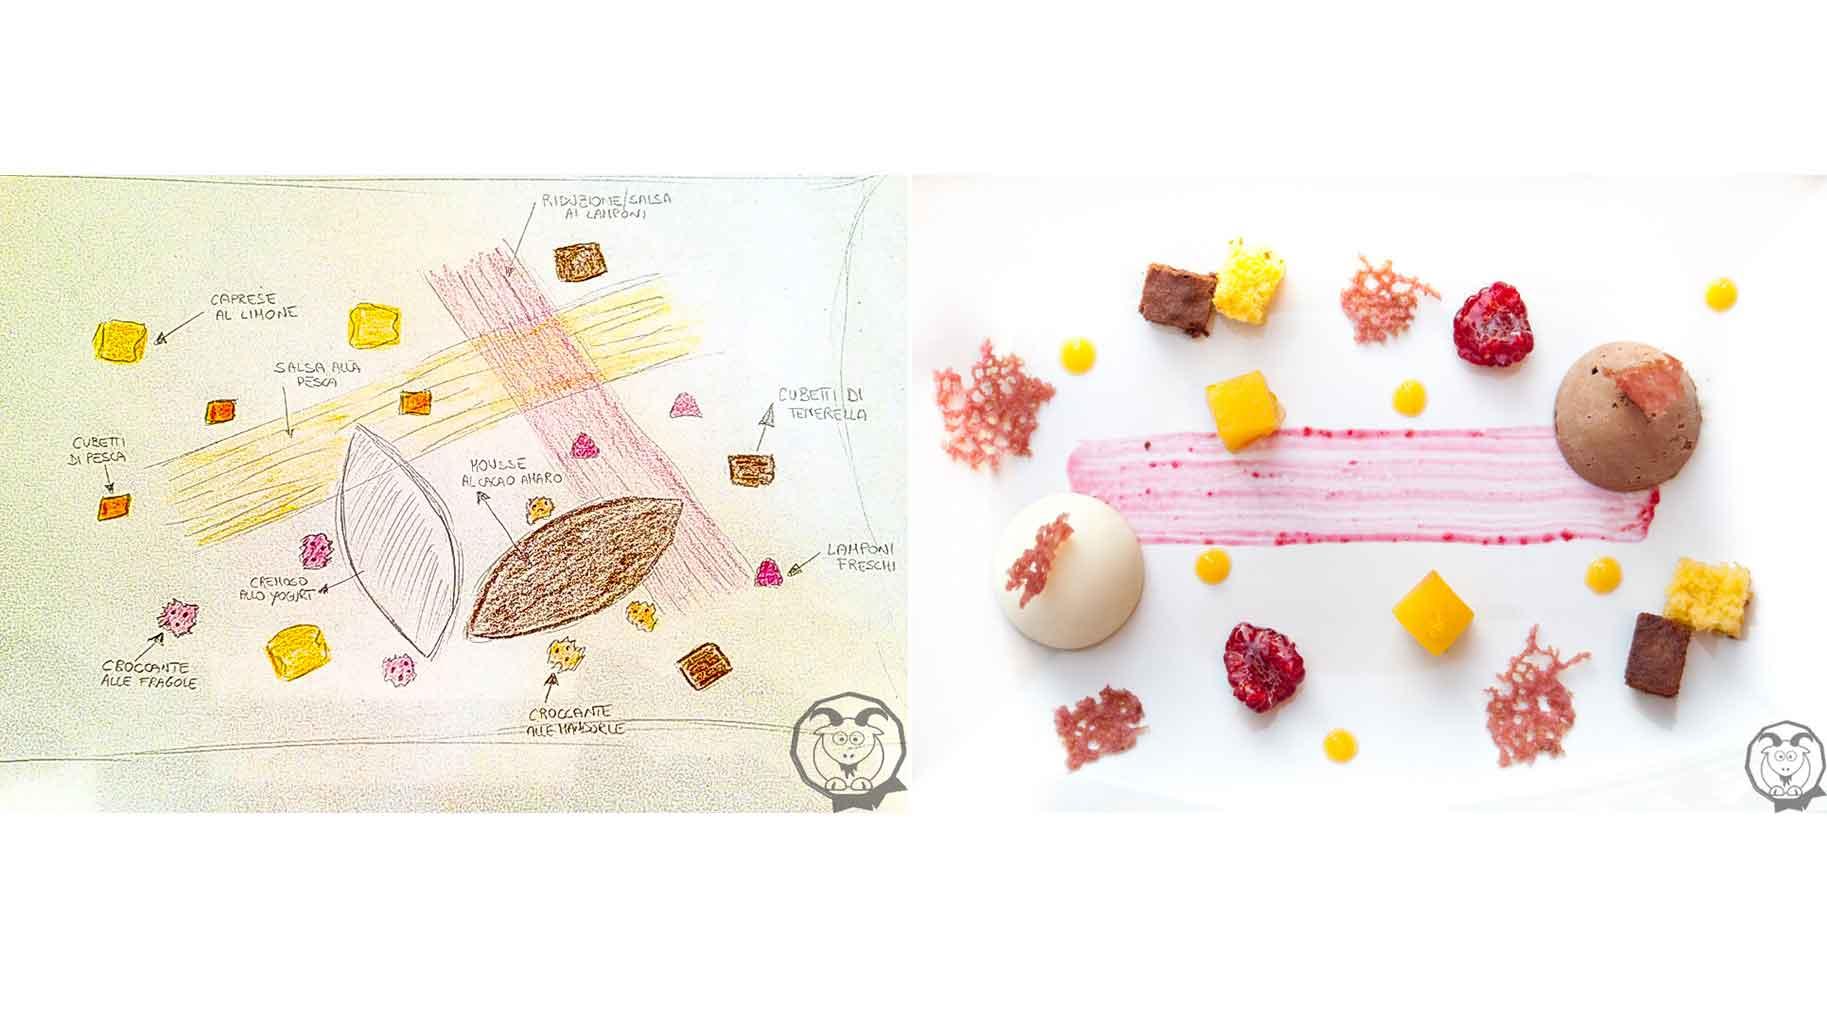 Impiattamento per contest Taste&More realizzato dalla food blogger Tamara Marongiu del blog Capretta Rossa